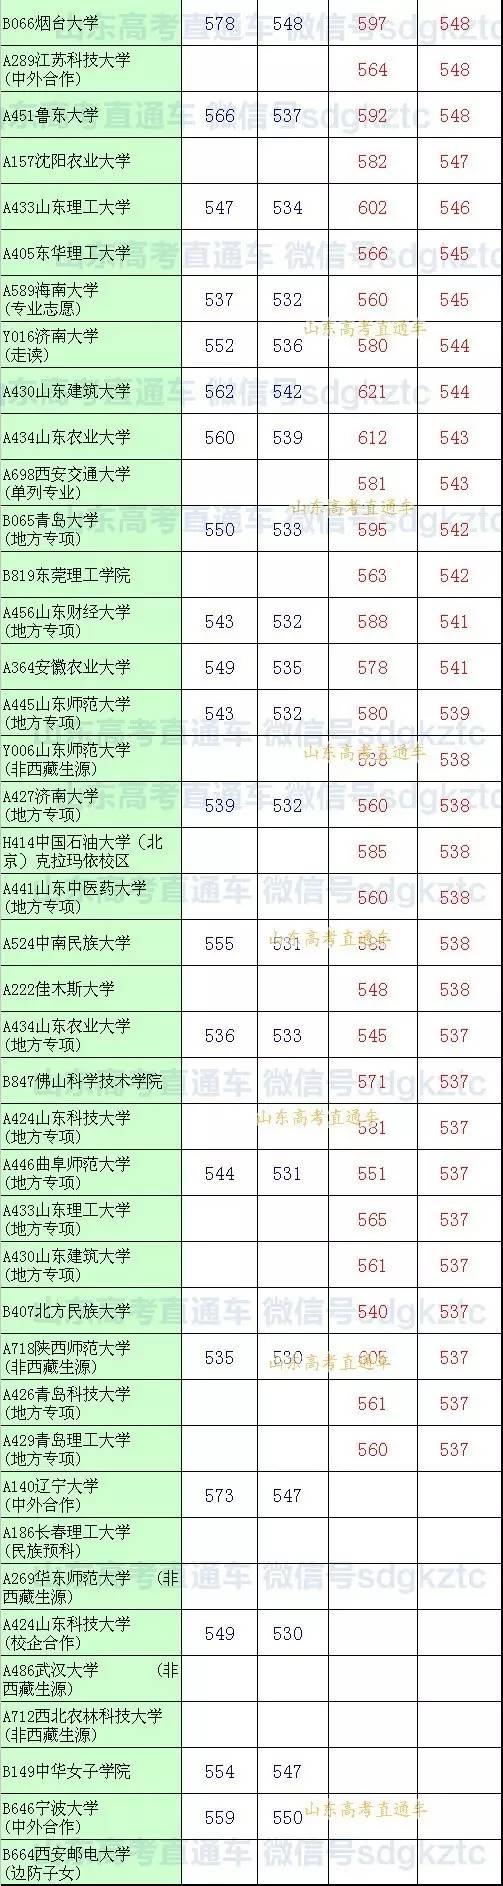 收藏985、211名校在山东录取最低分!一本以上首次投档录取结果,适合600分以上(参考2016年) - 守望者 - 守望者